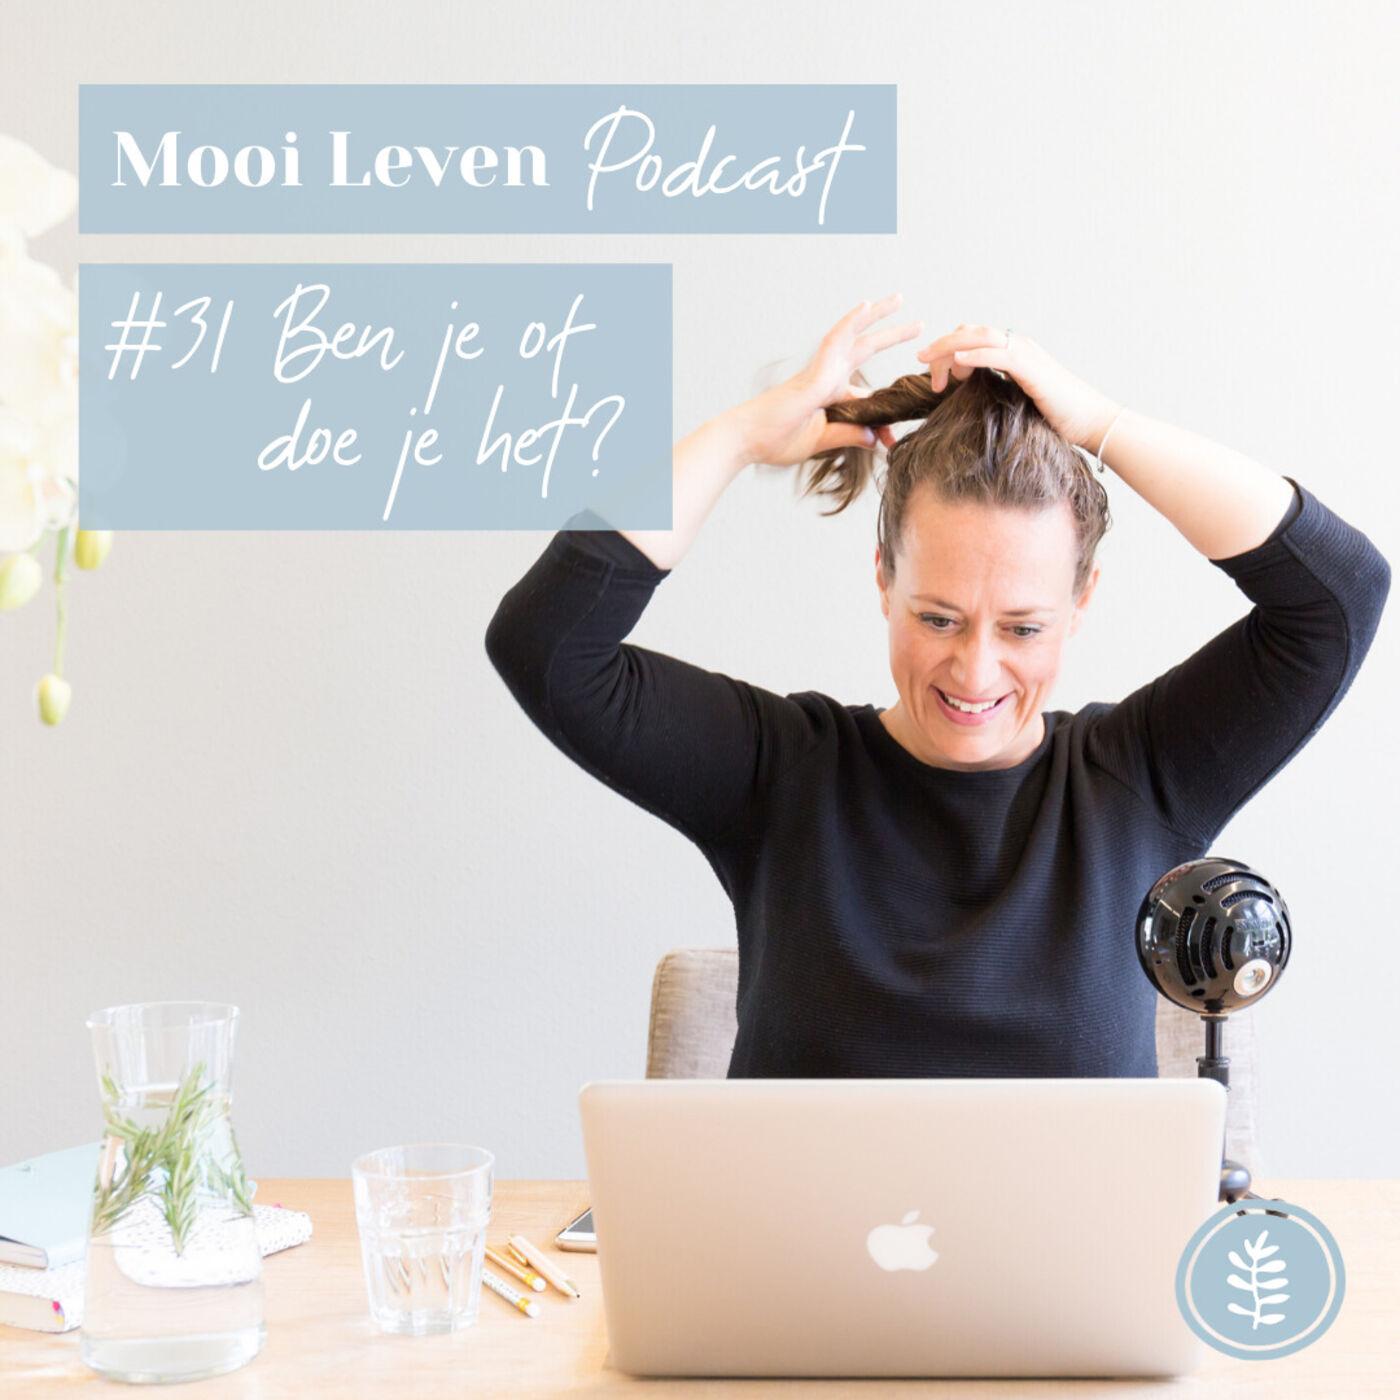 Mooi Leven Podcast #31 | Ben je het of doe je het?